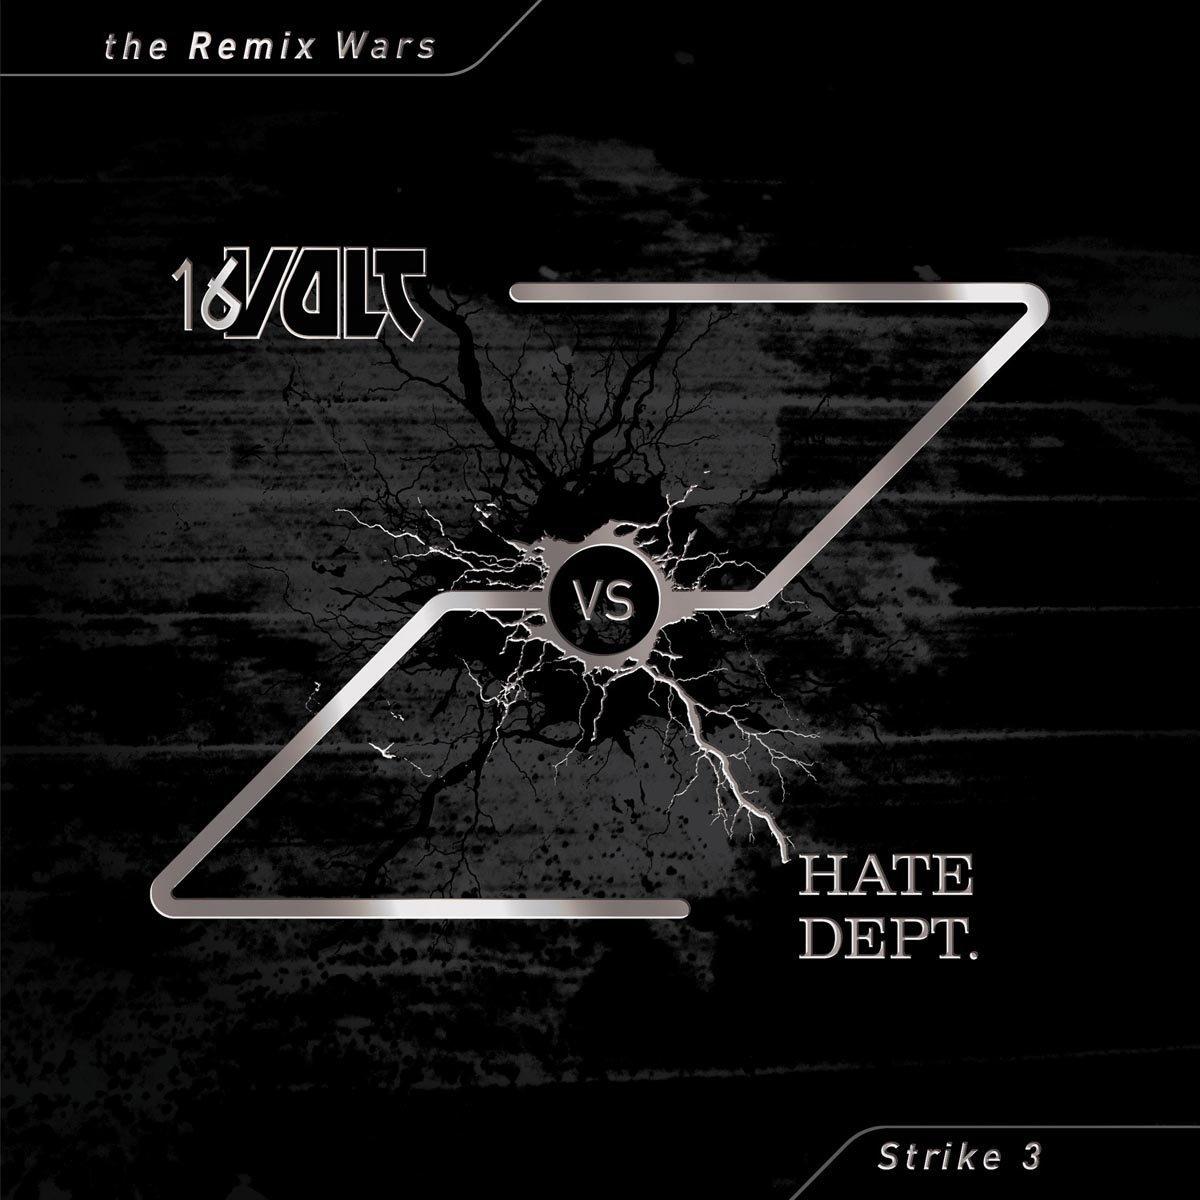 Vinilo : 16 Volt Vs Hate Dept. - Remix Wars, Vol. 3 (LP Vinyl)